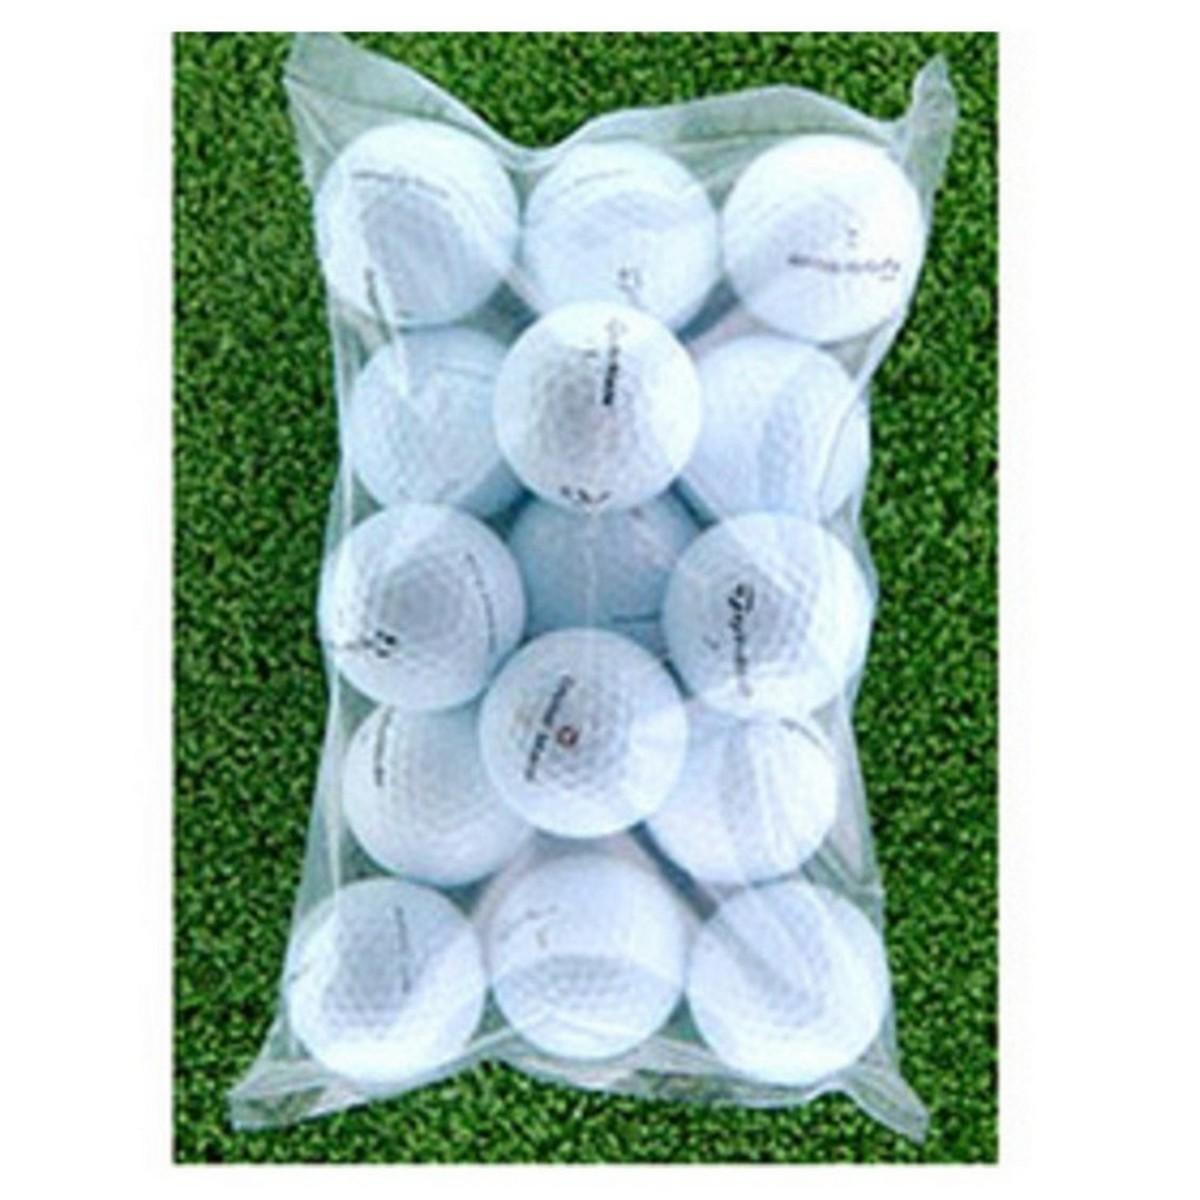 メイホウゴルフ ロストボール テーラーメード小袋4パック60個セット